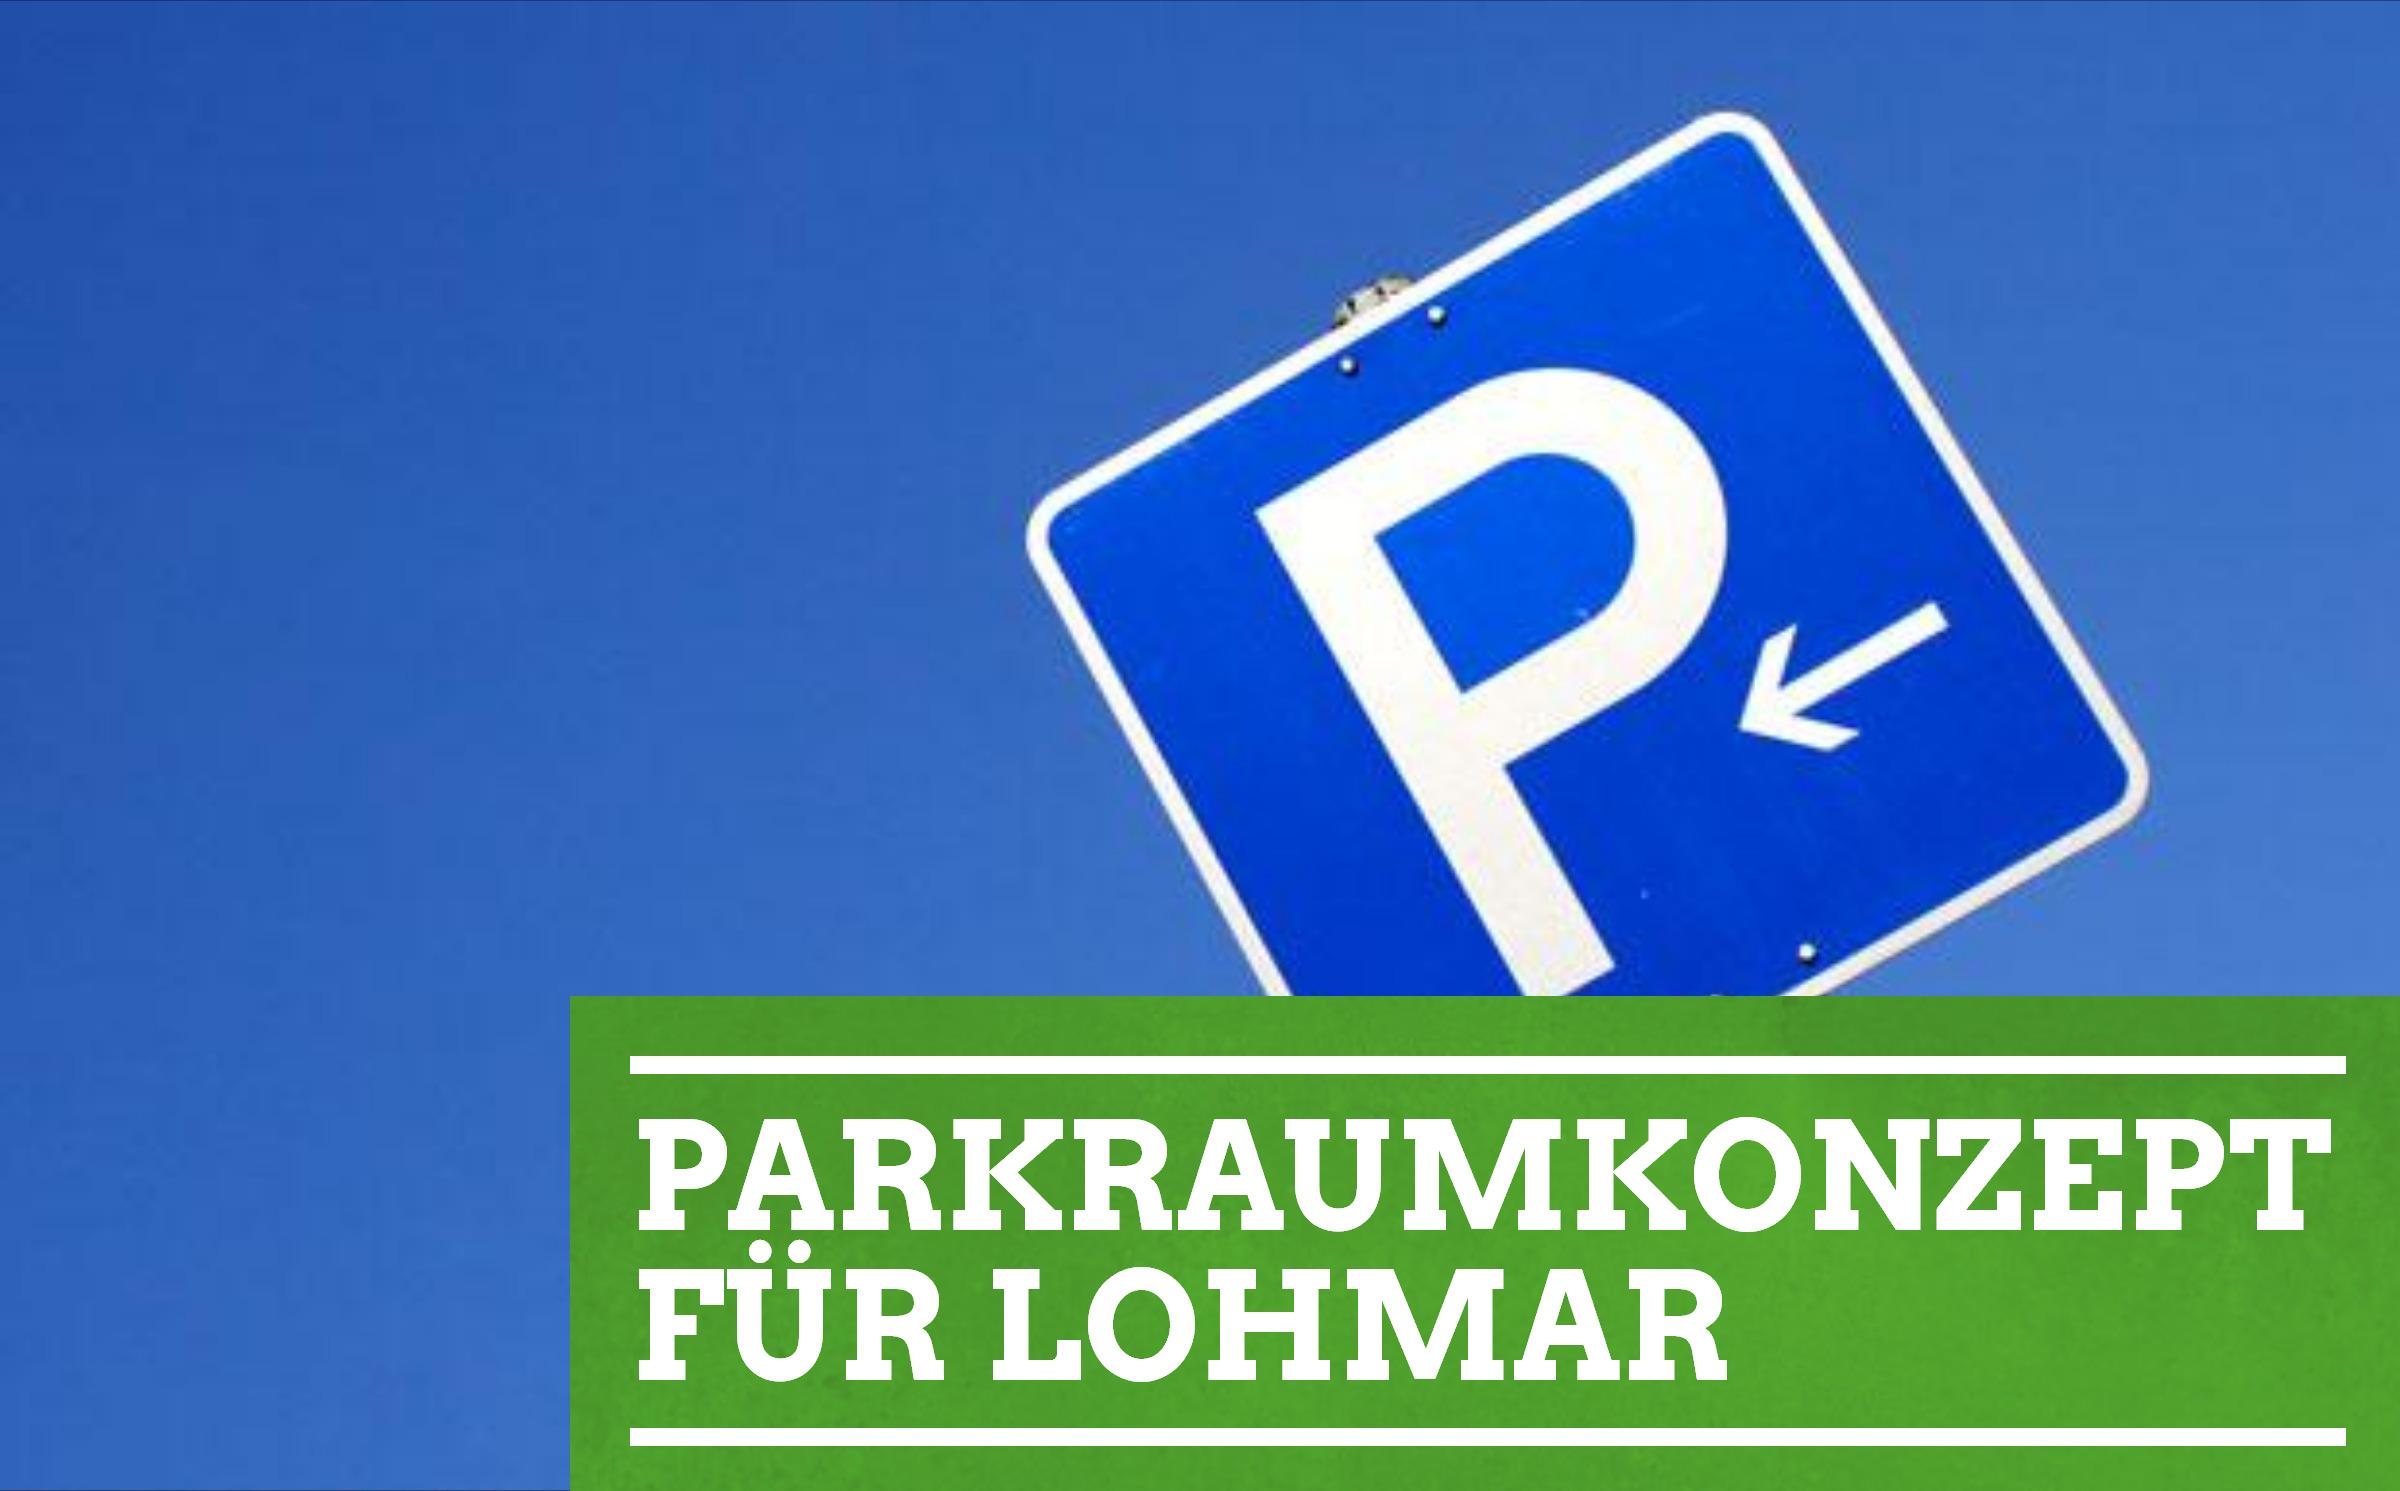 Parken in Lohmar-Ort weiter kostenfrei!